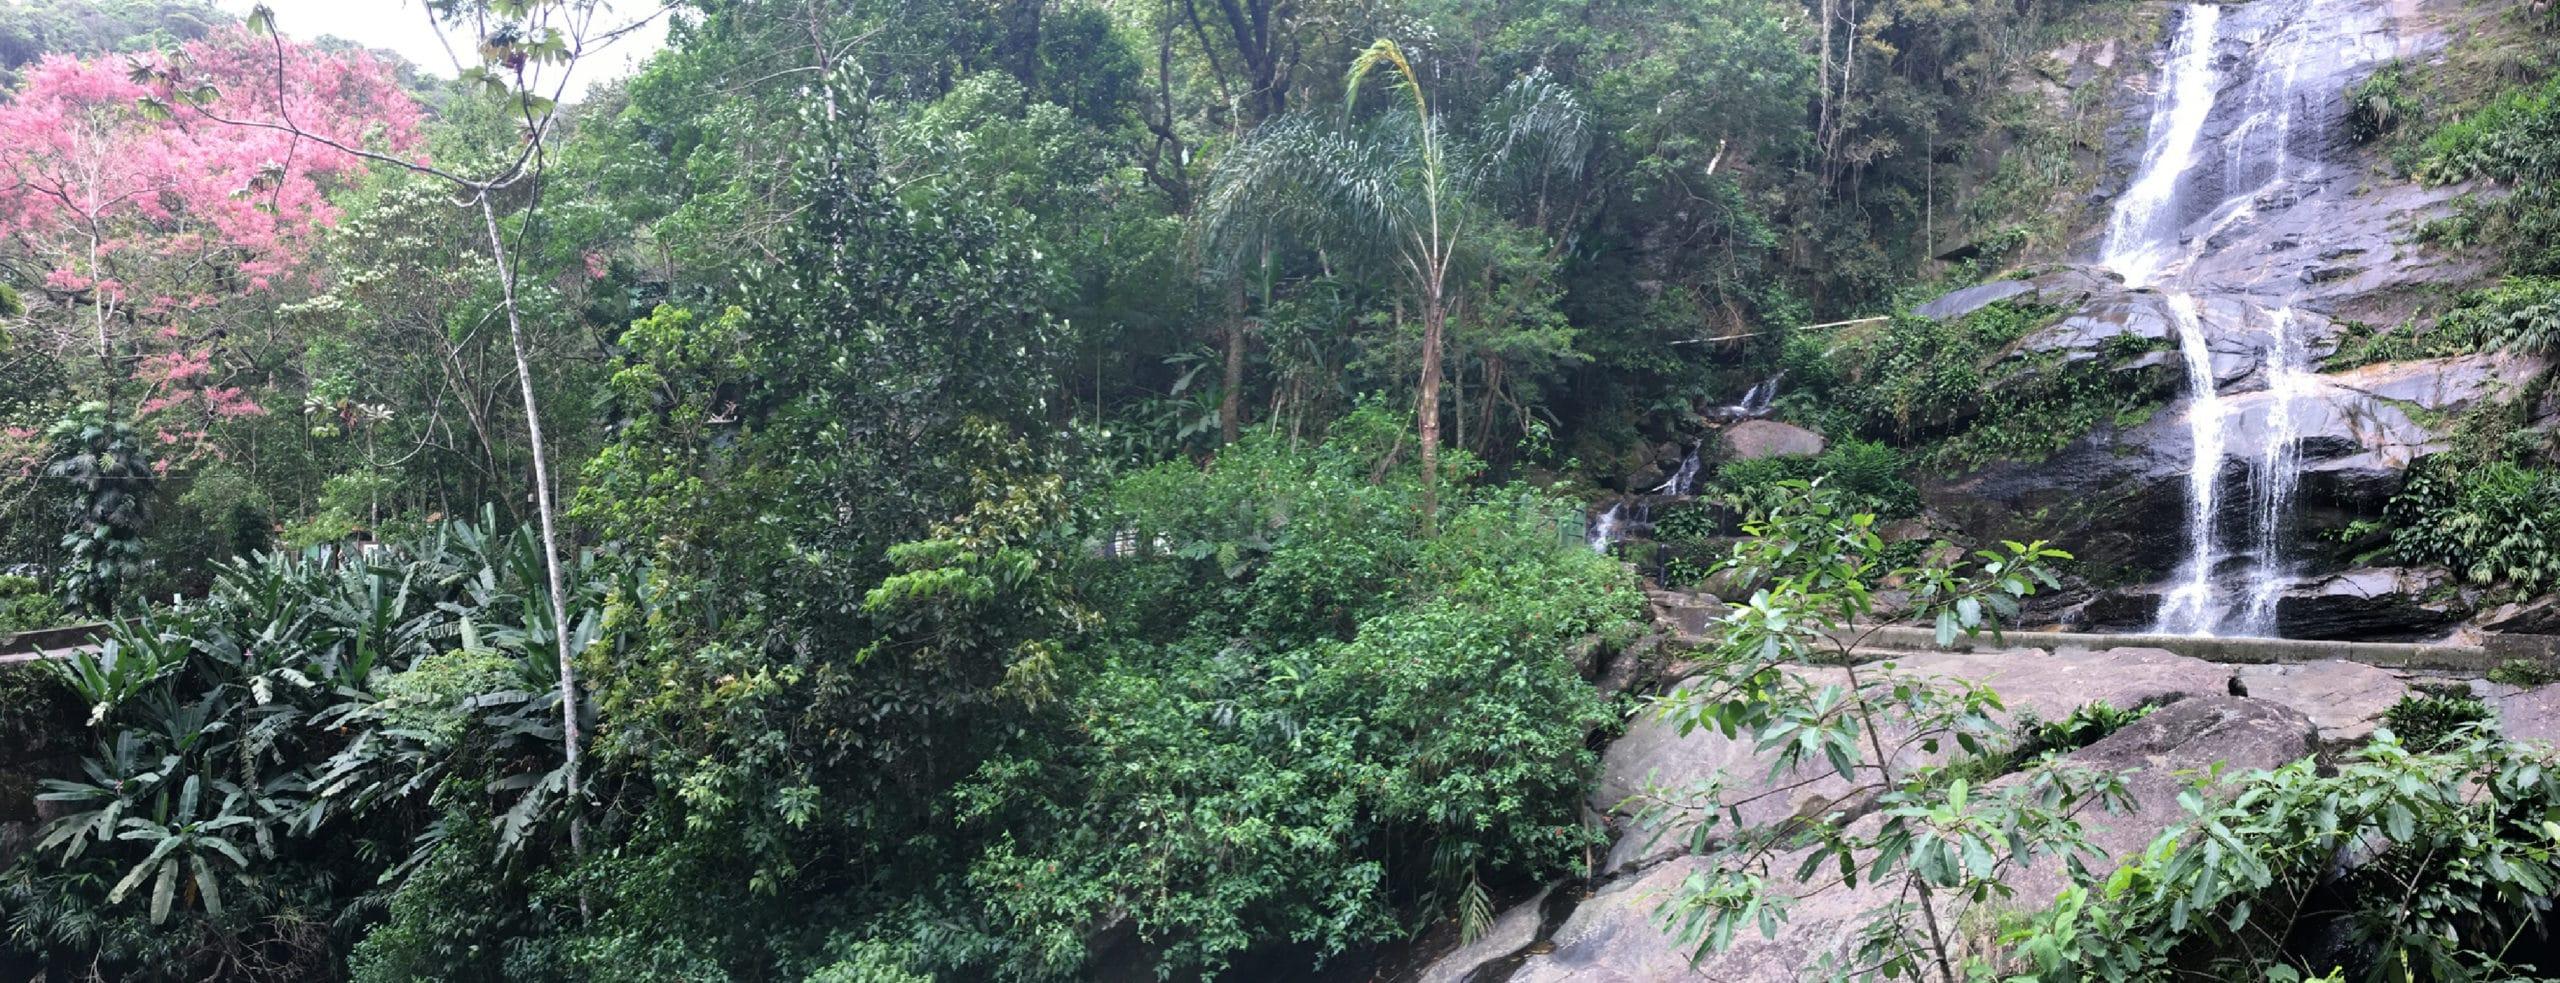 Tijuca Forest - Rio de Janeiro, Brazil - RipioTurismo Incoming Tour Operator in Brazil